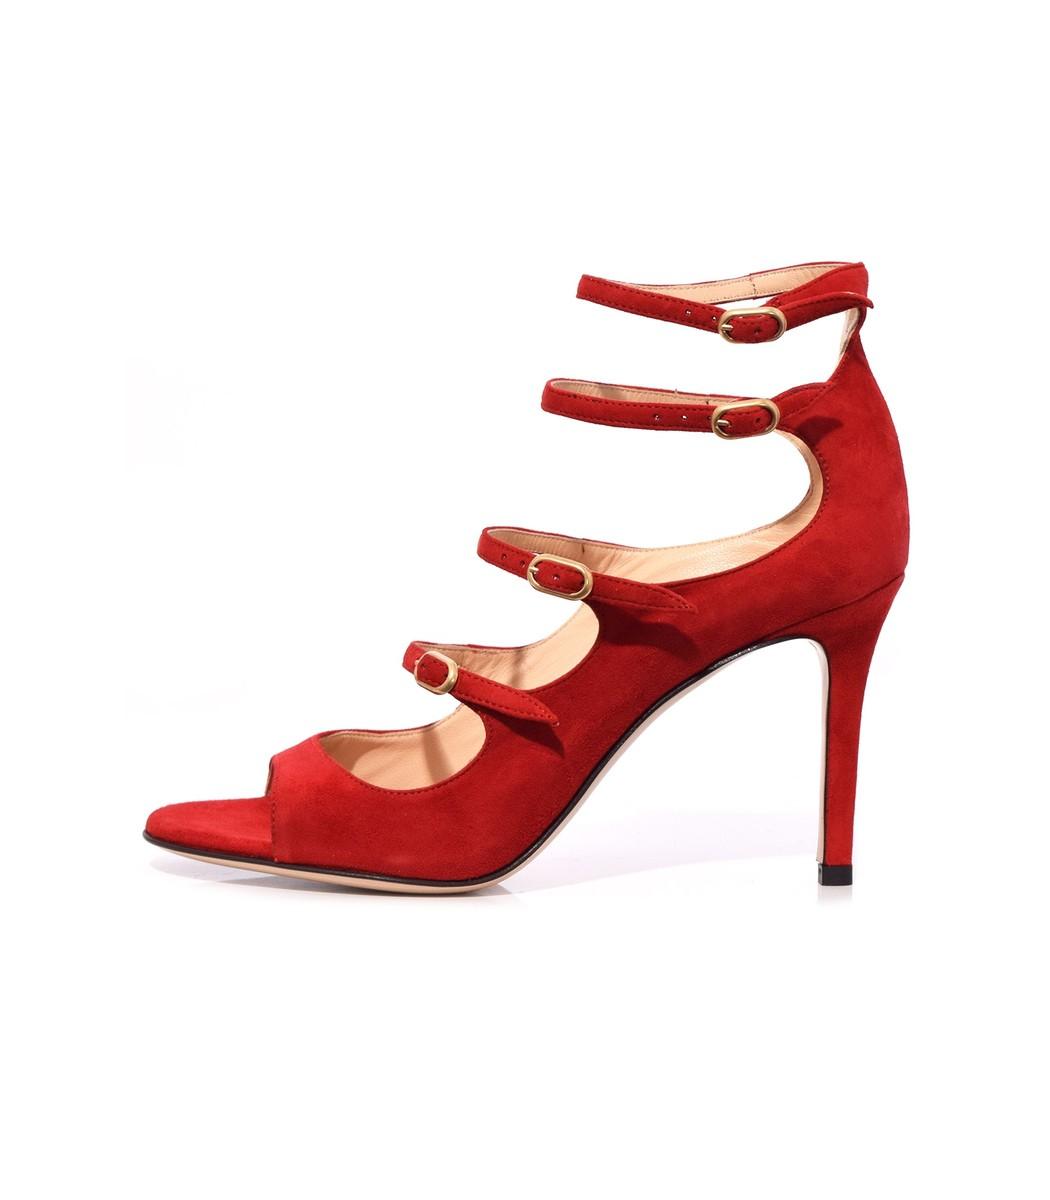 MARION PARKE Red Lennox Sandal